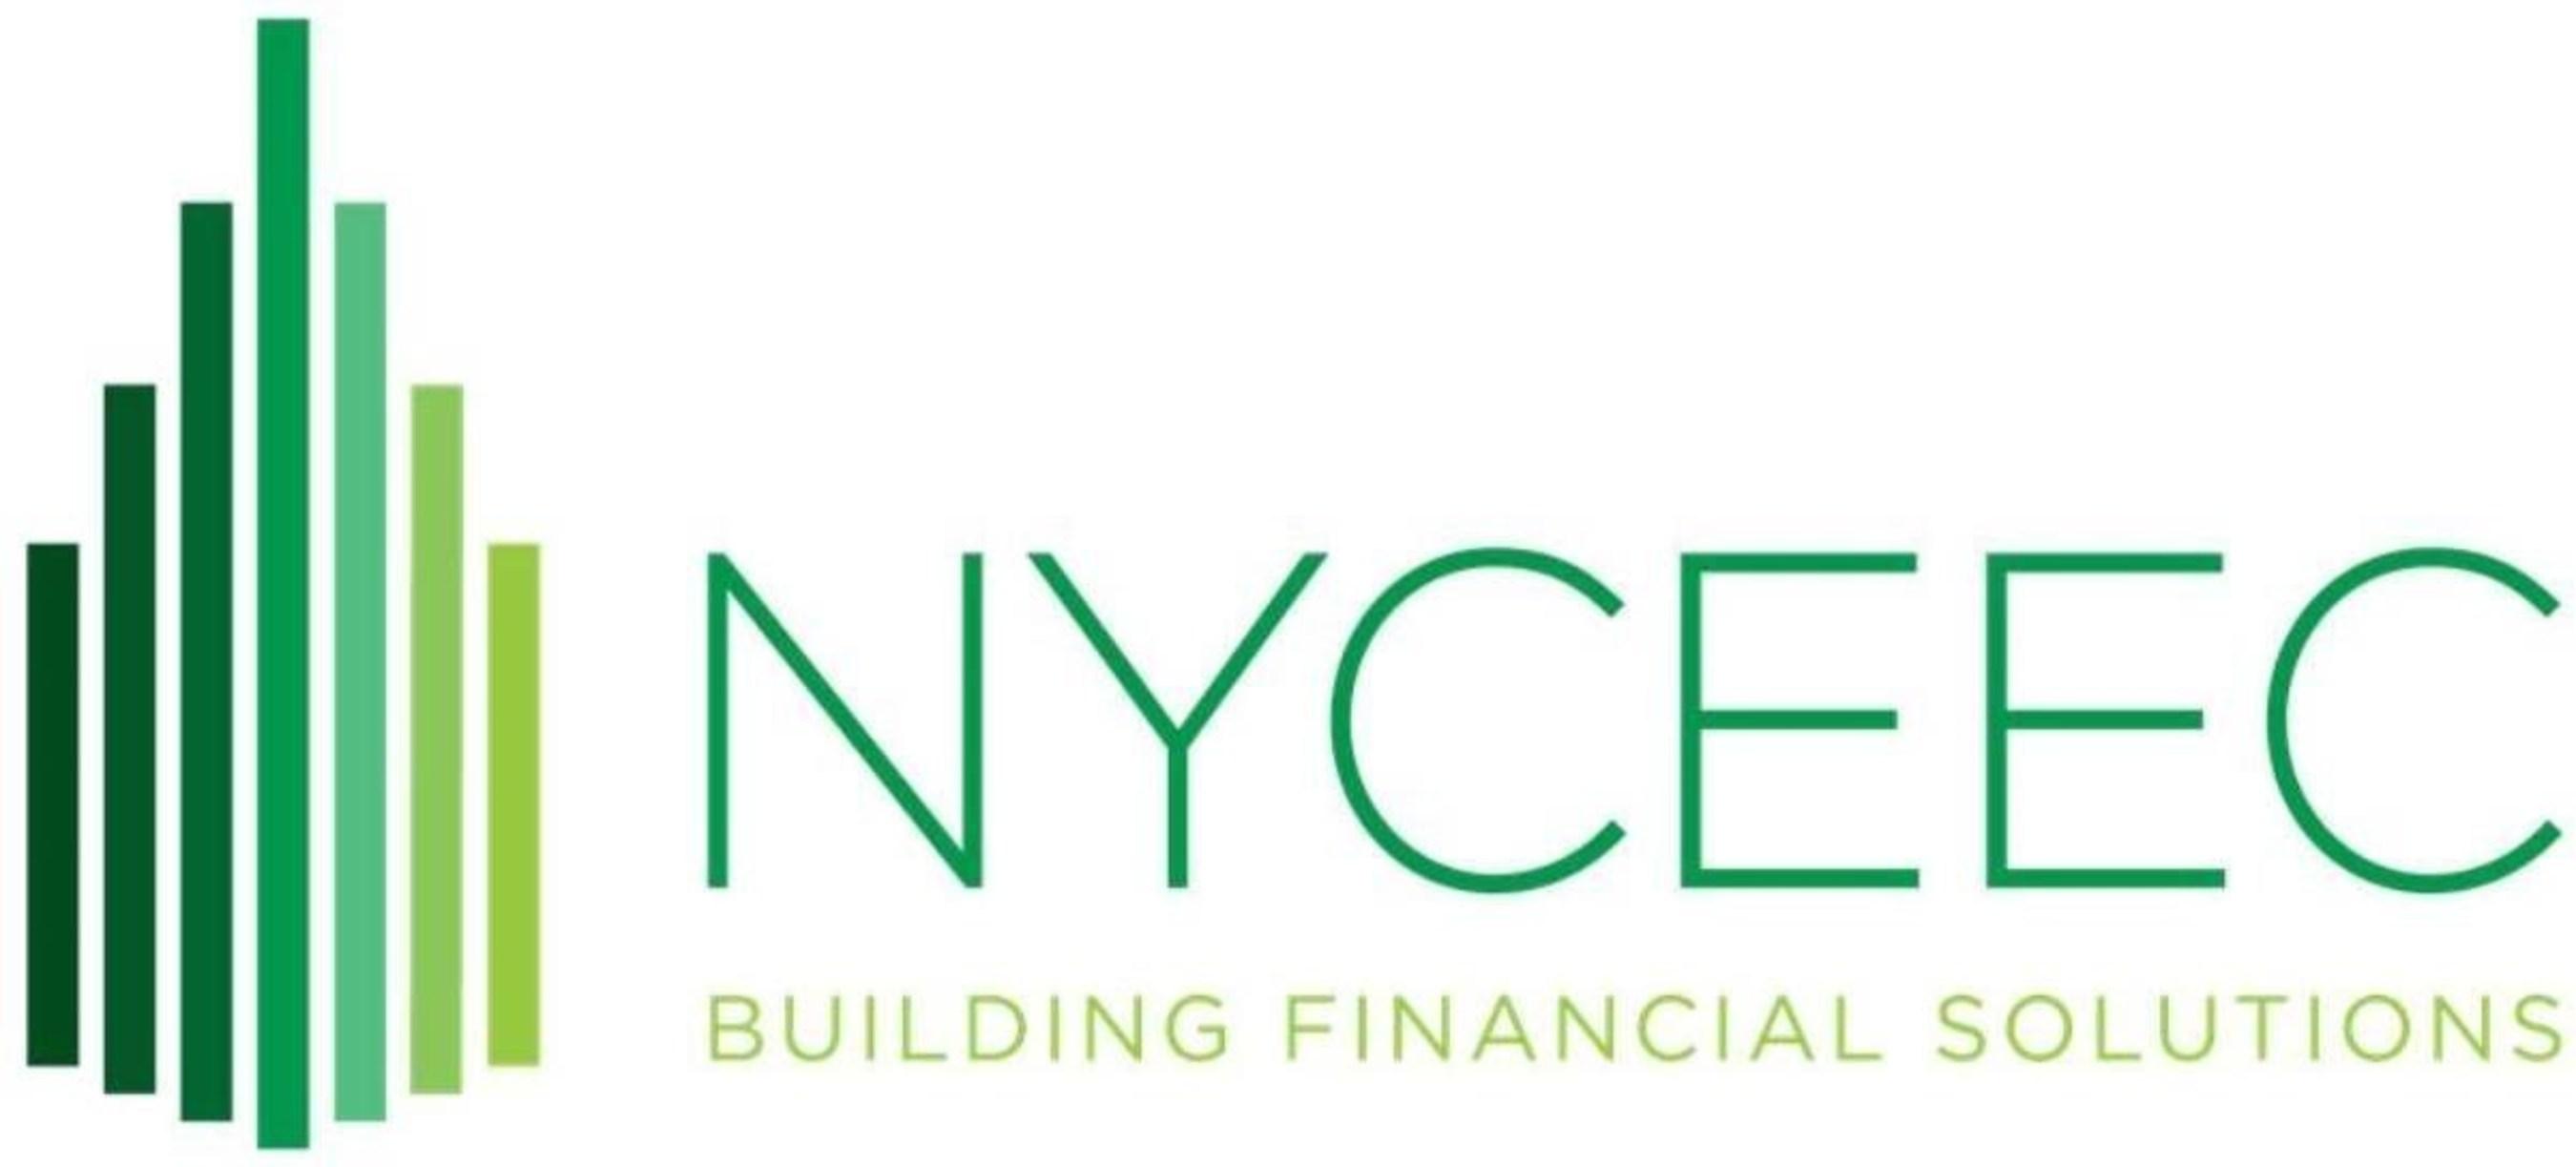 NYCEEC Building Financial Solutions